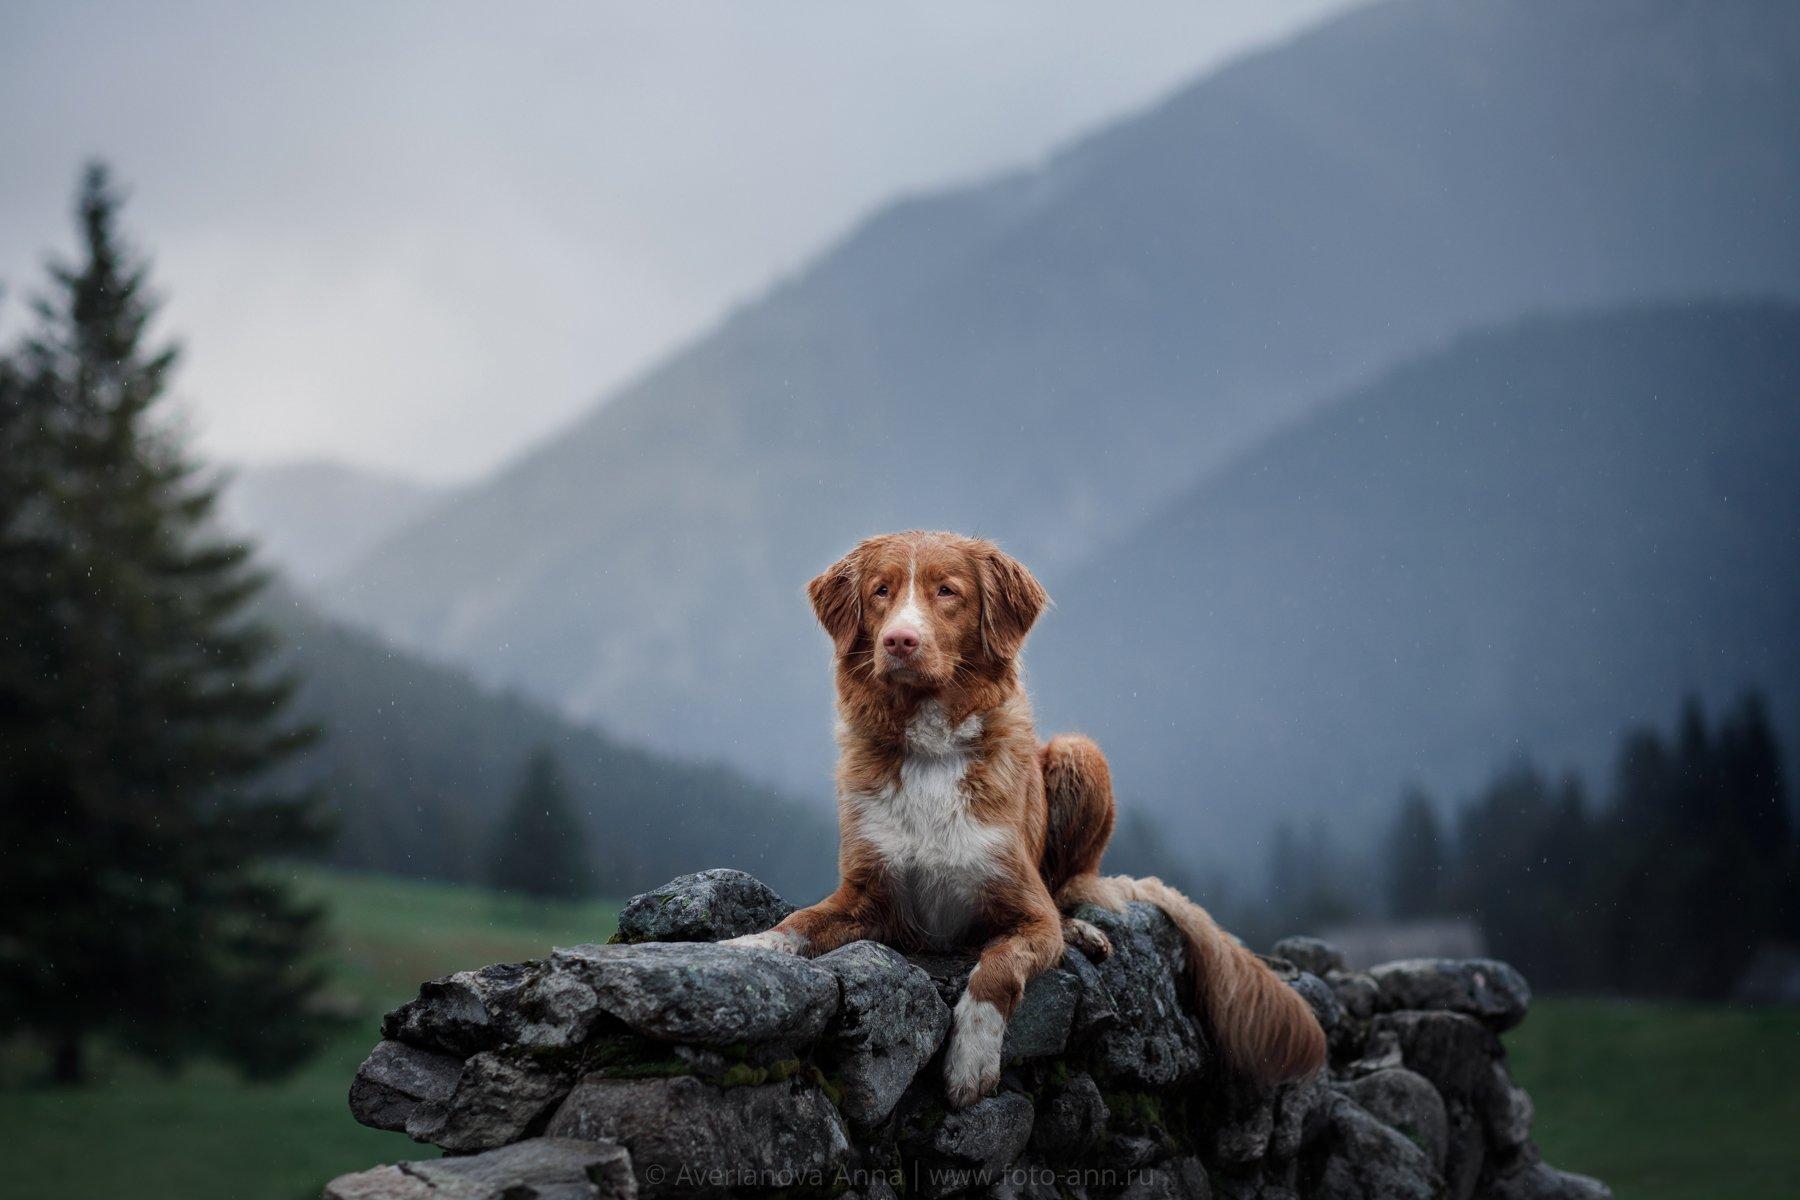 собака, горы, природа, Польша, Анна Аверьянова